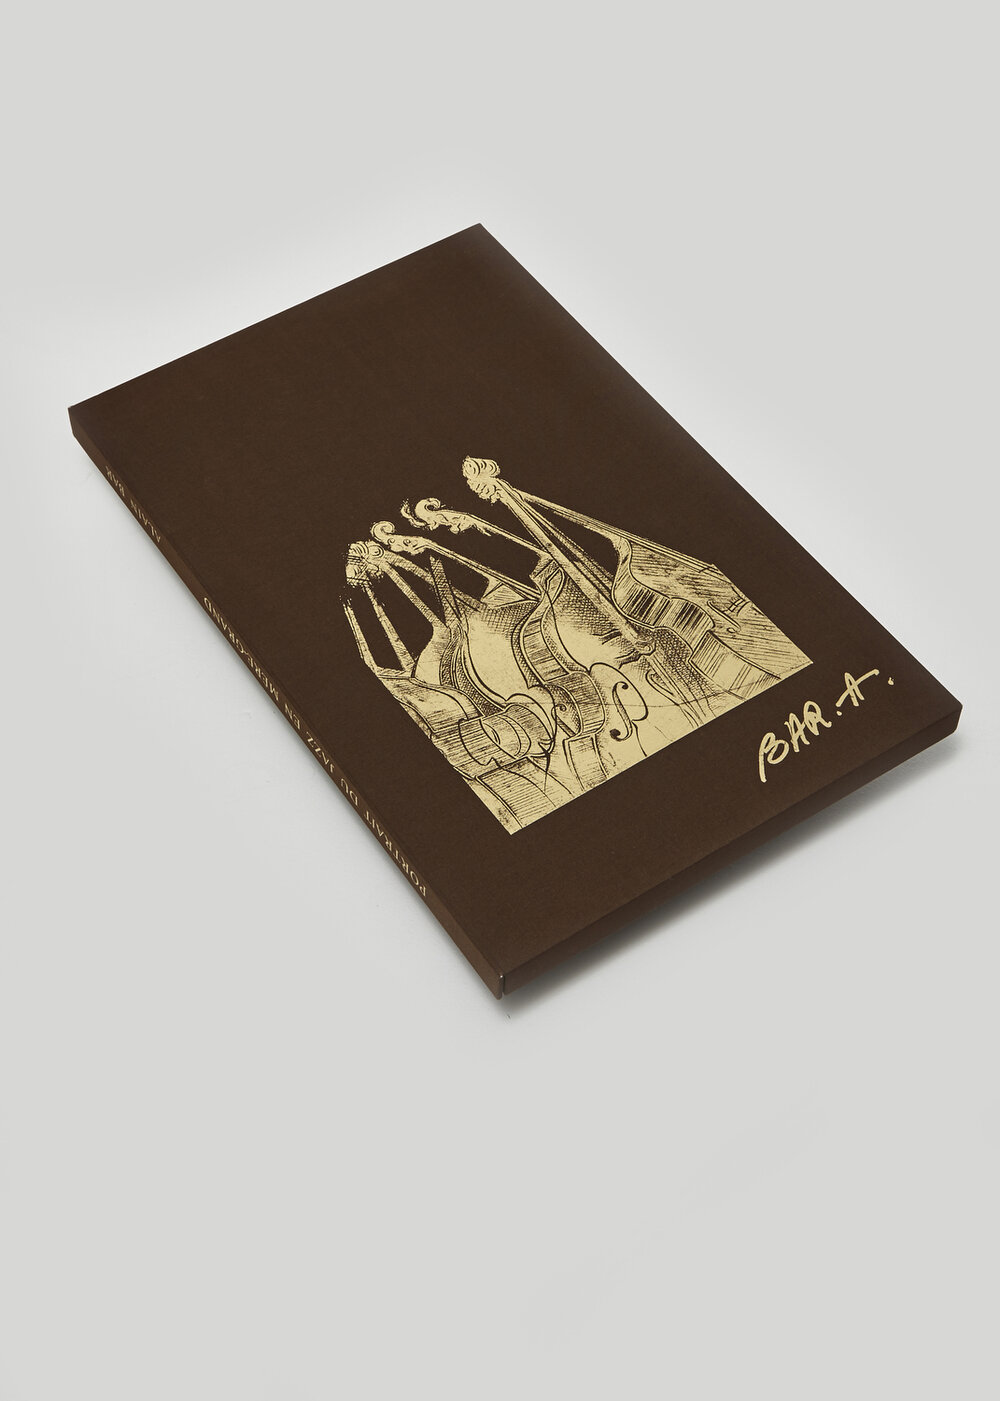 Victoire sans victoire    Texte André Velter et gravure Alain Bar  1989 | 31 x 21 cm | gravure et typographie | 103 exemplaires | édition Ex-Libris